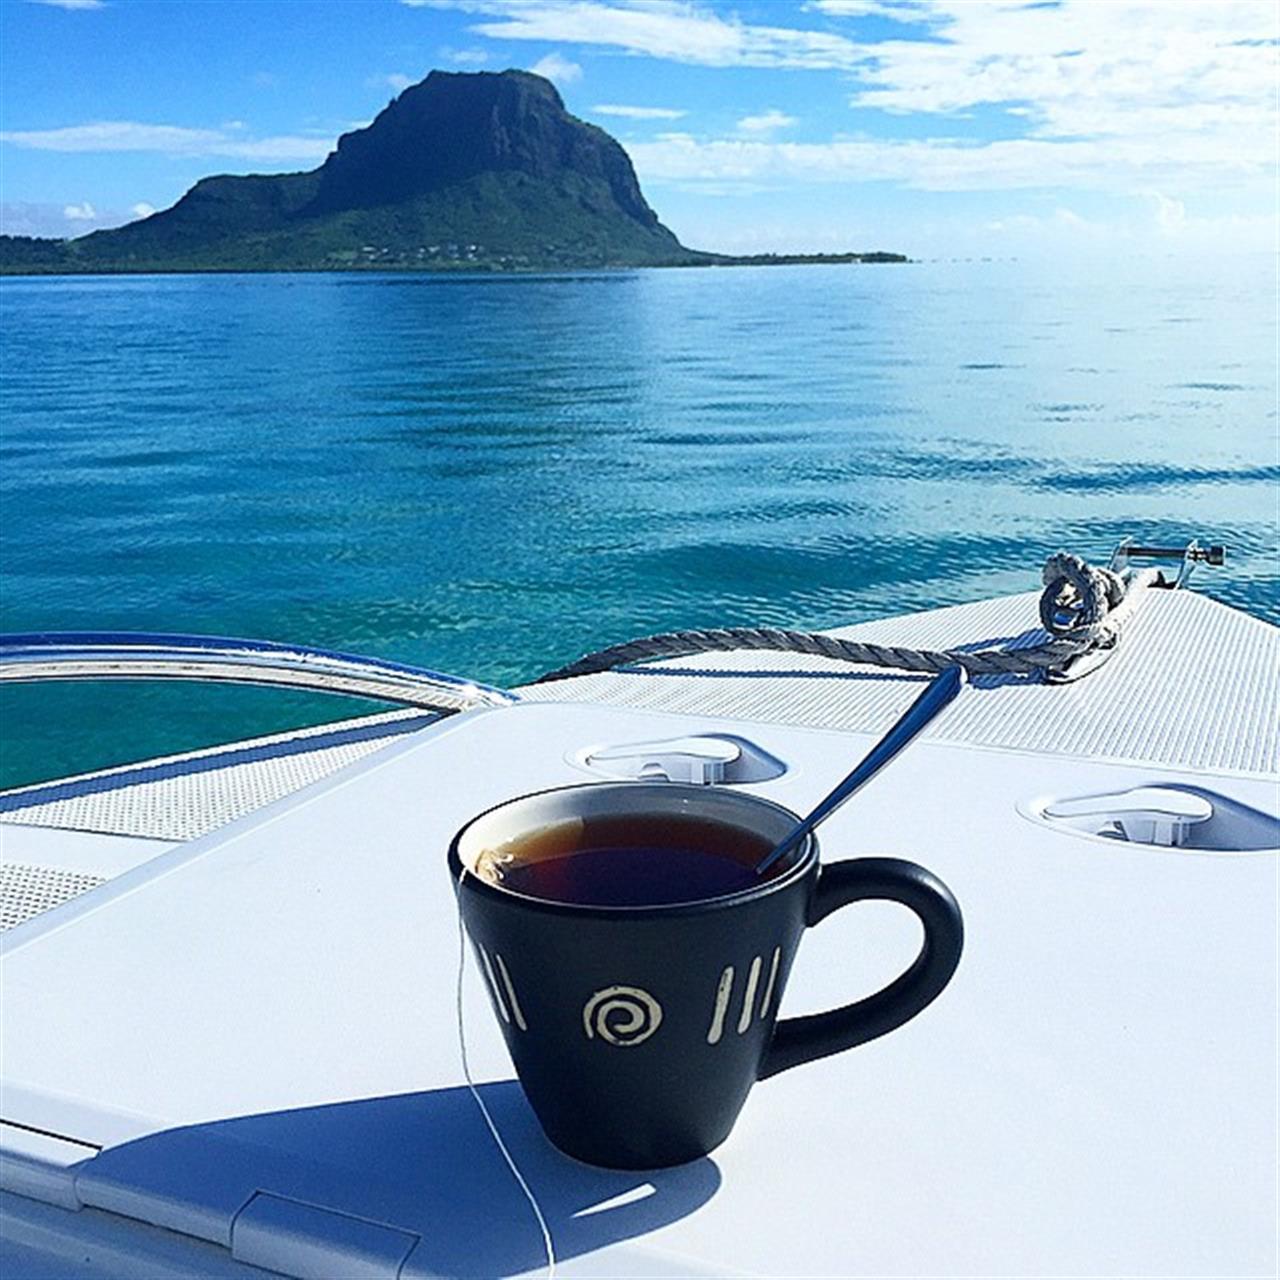 Teatime #lagoon #mauritius #LeadingRelocal